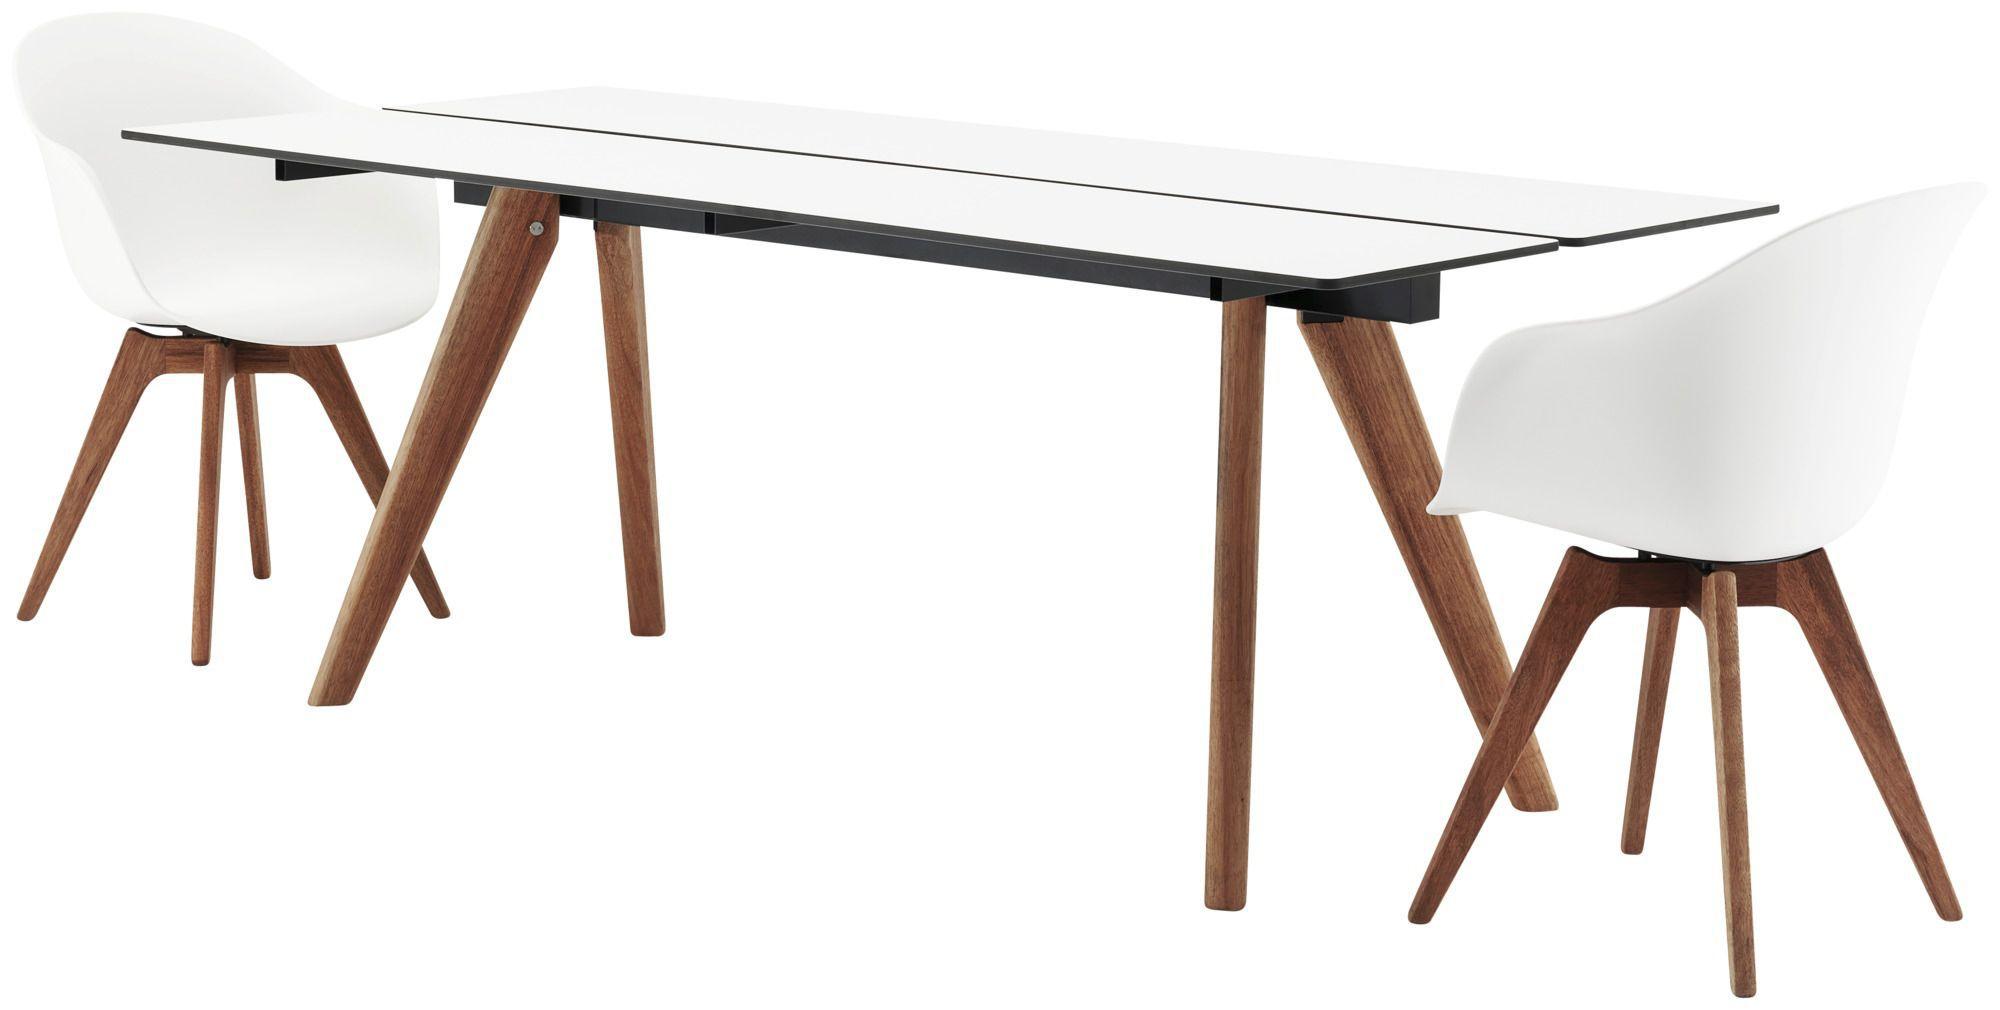 Moderner Esstisch Holz Laminat Rechteckig Adelaide Boconcept